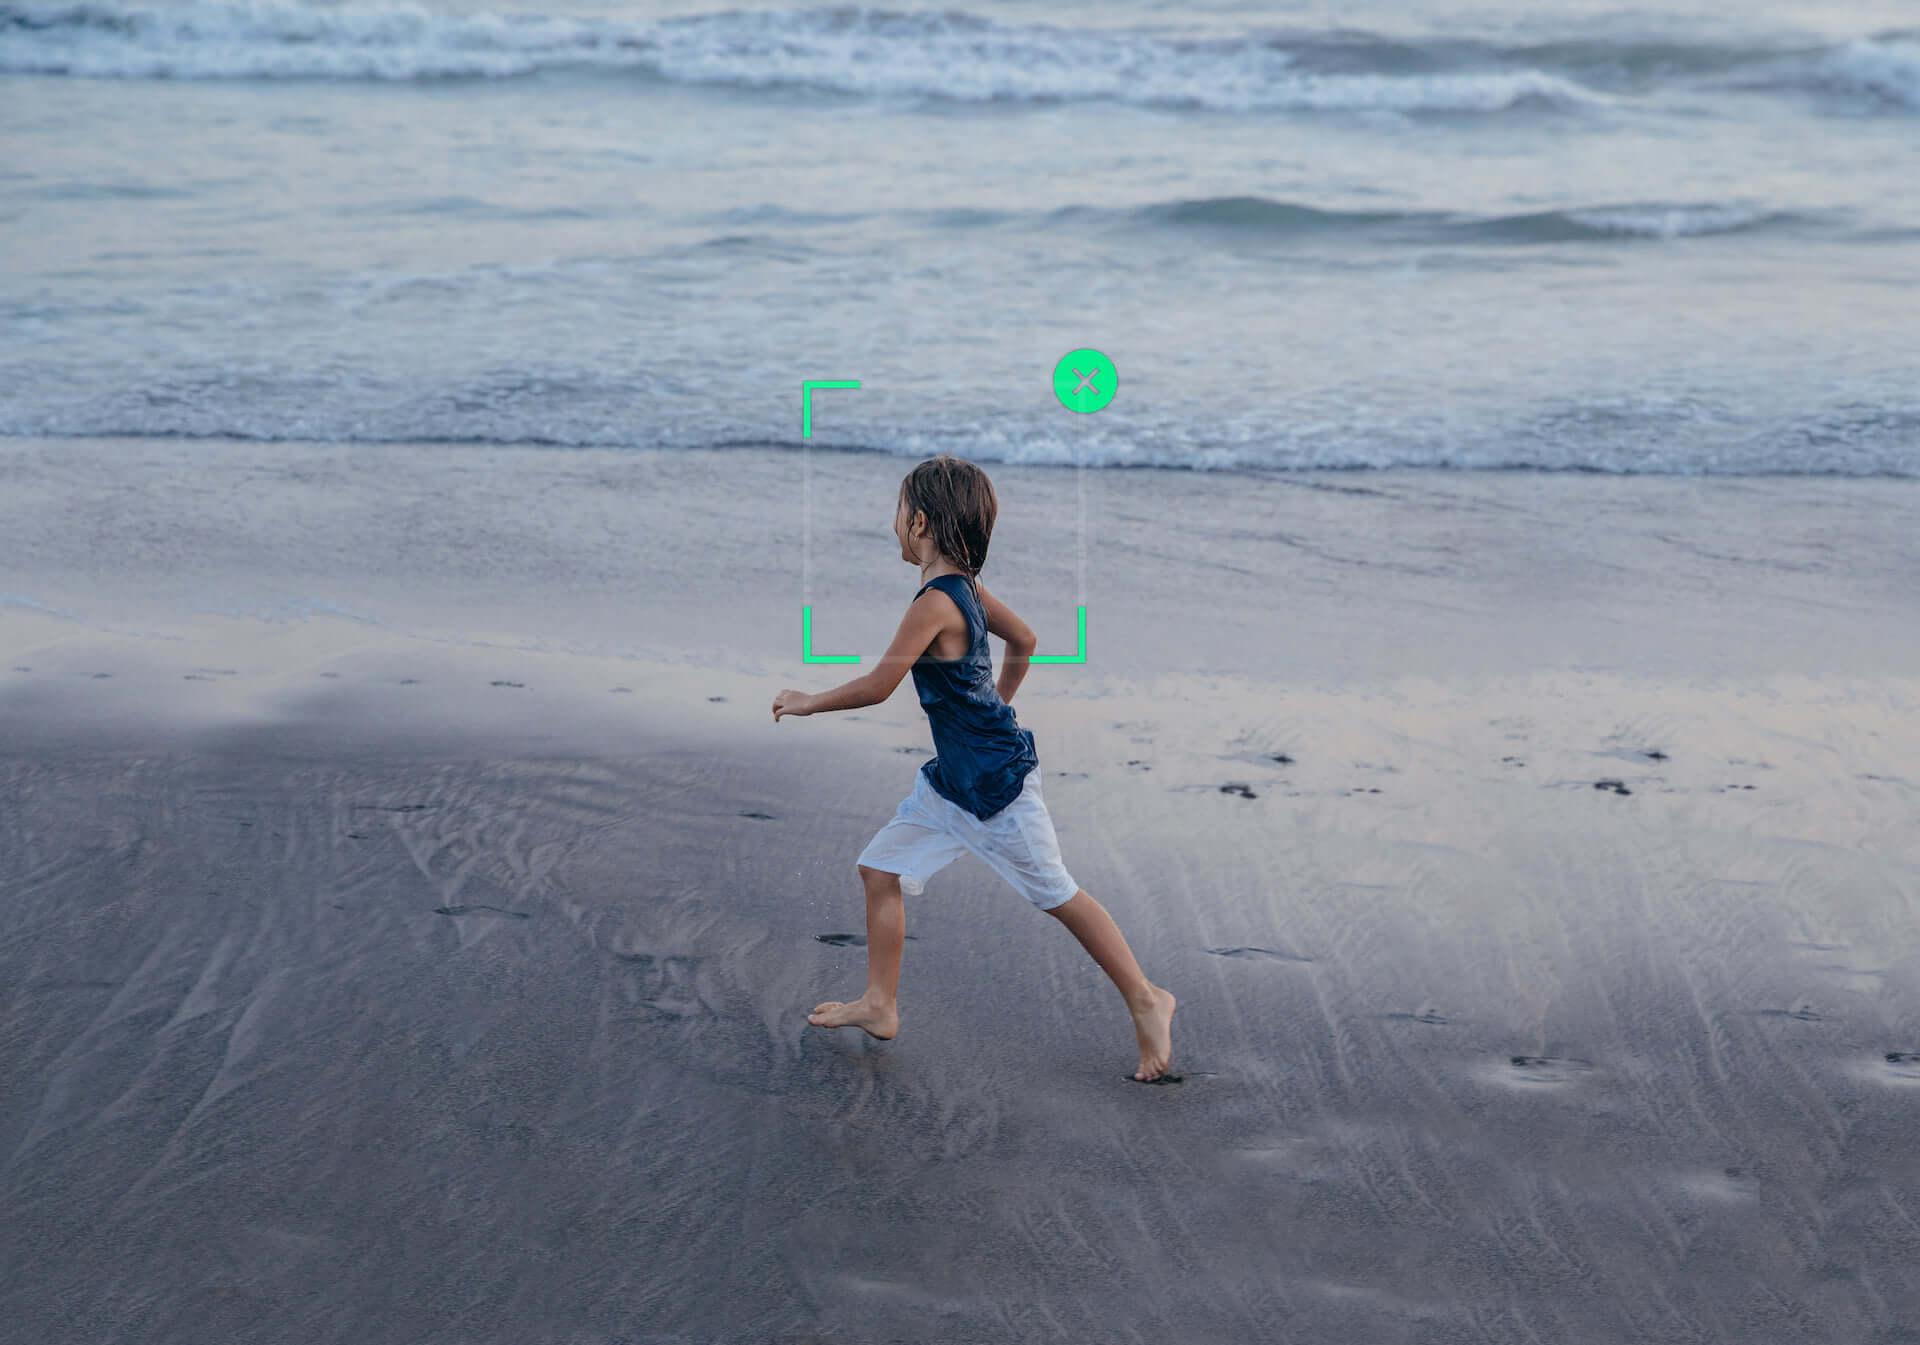 プロ並みの映像が撮れるかも!?DJI「Osmo Mobile 3」が登場|多機能な折りたたみ式スマホ用スタビライザー technology190814osmomobile_7-1920x1345